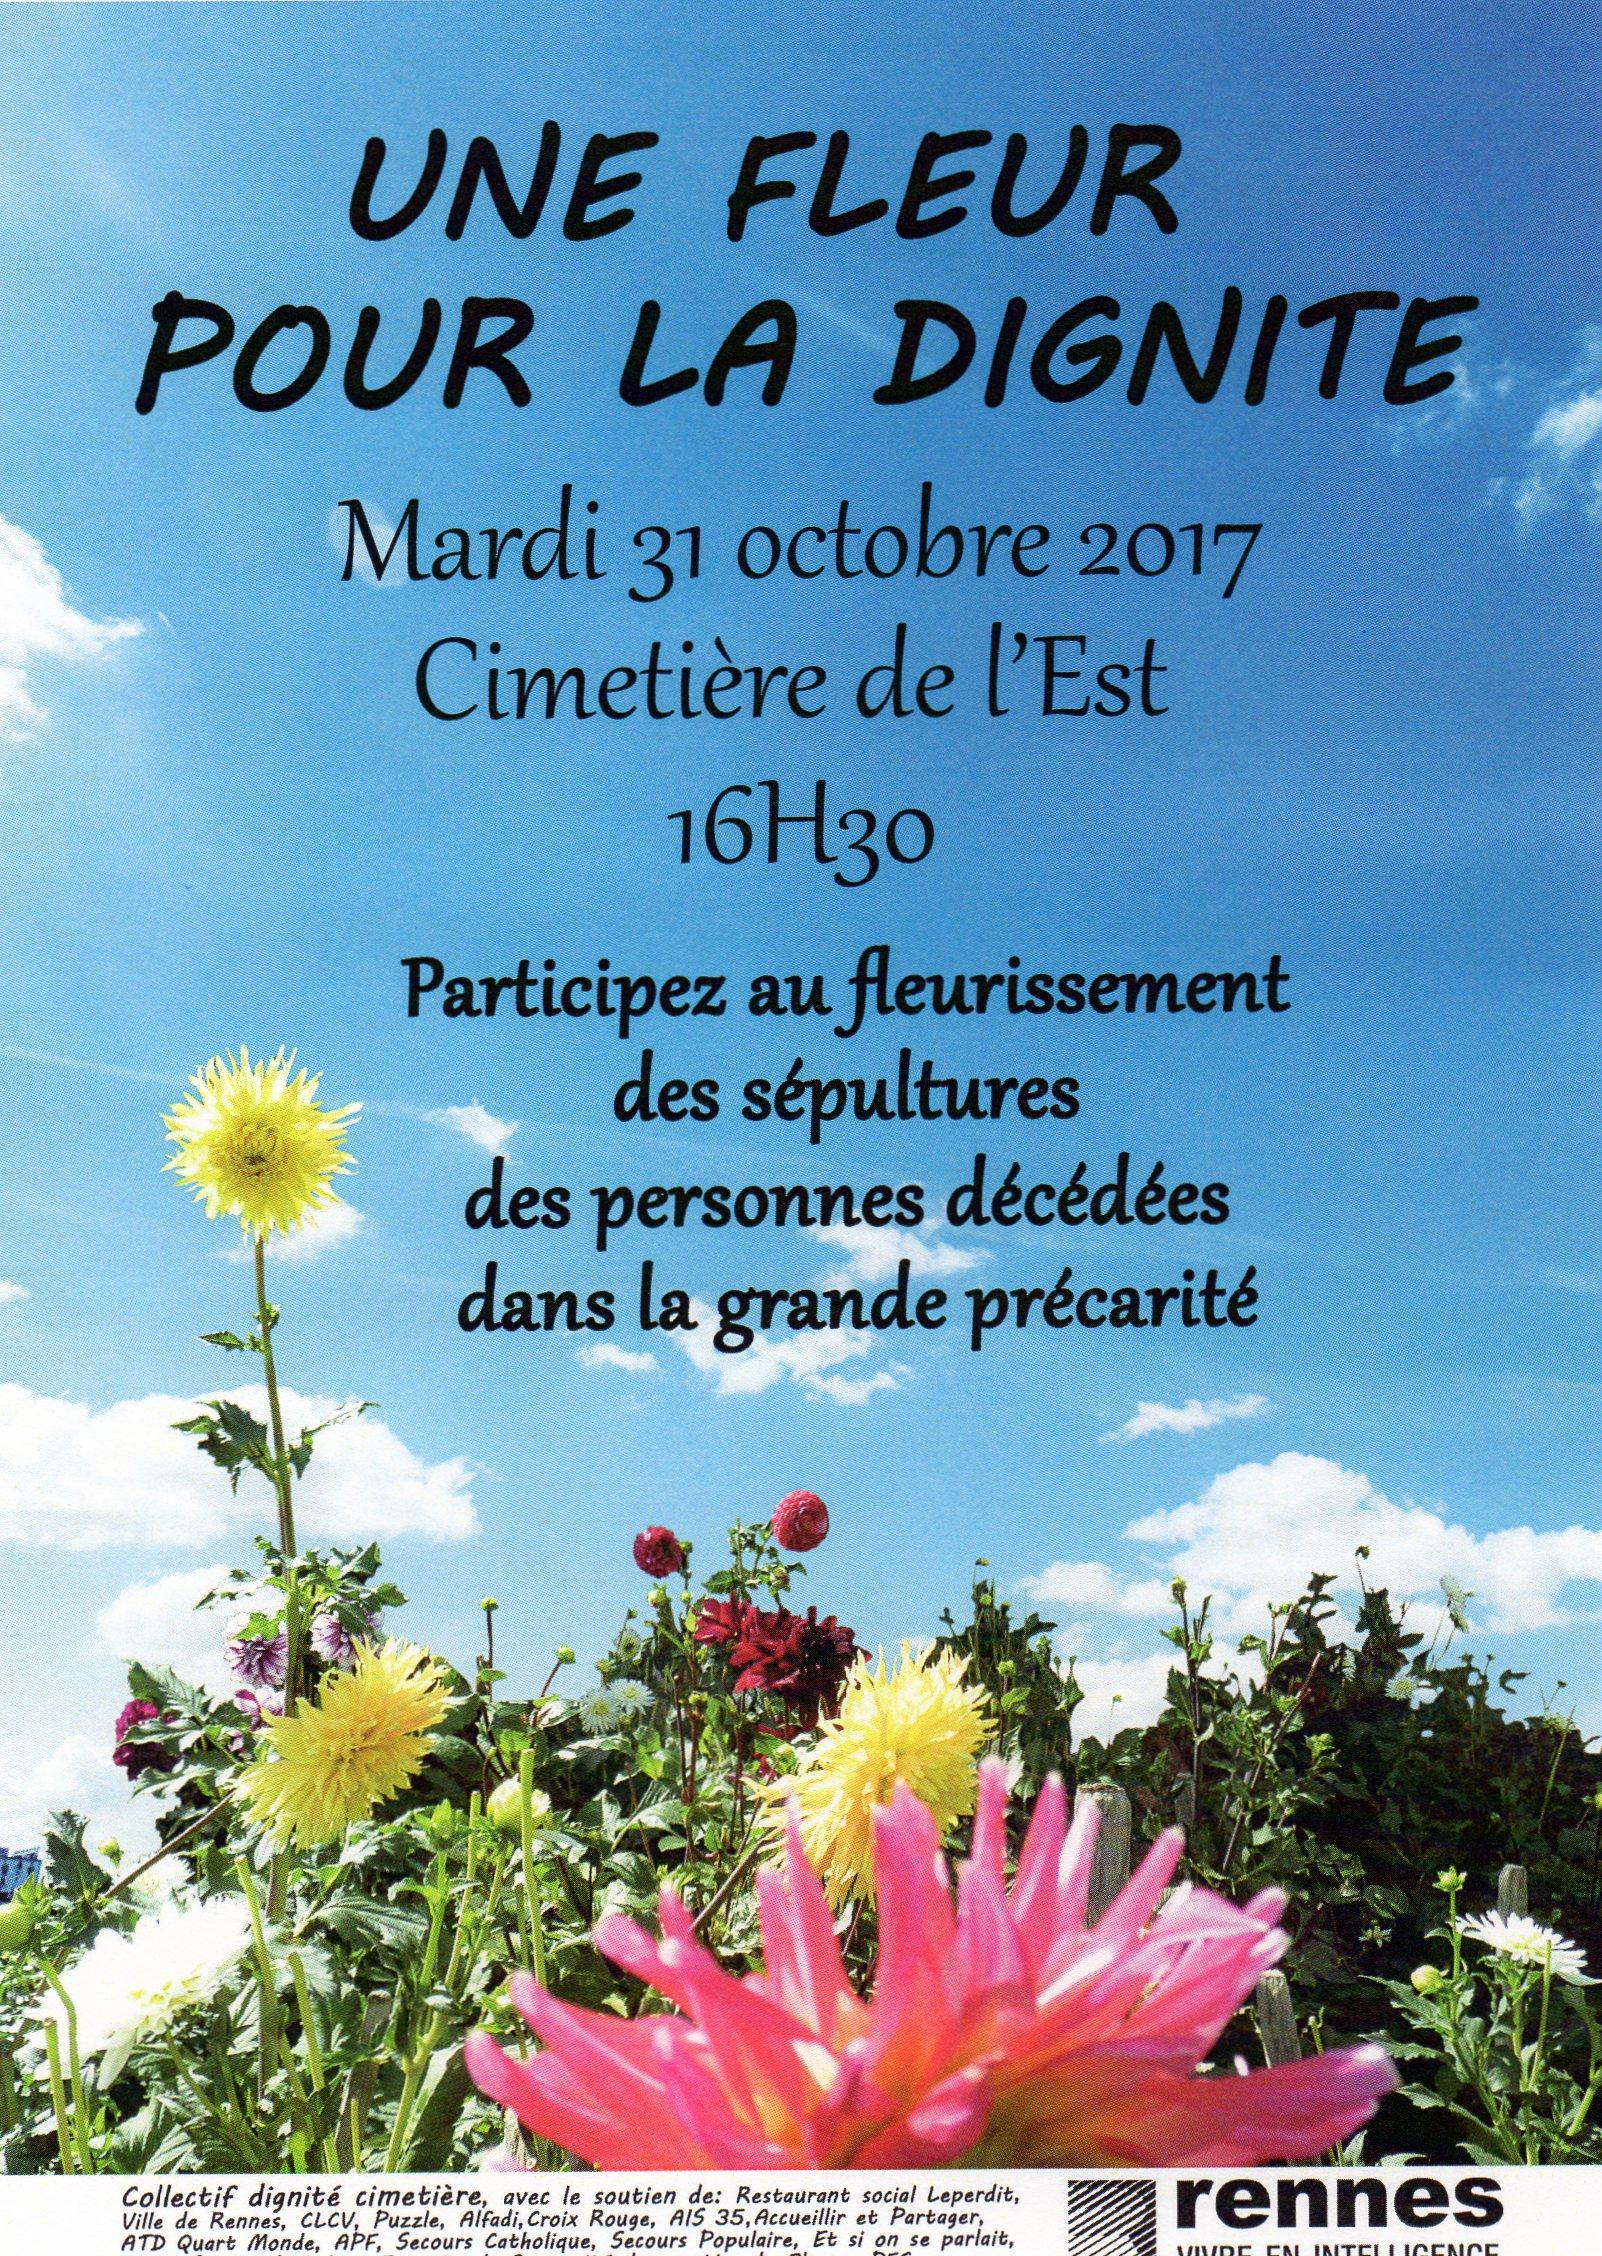 Affiche de l'événement une fleur pour la dignité - 2017